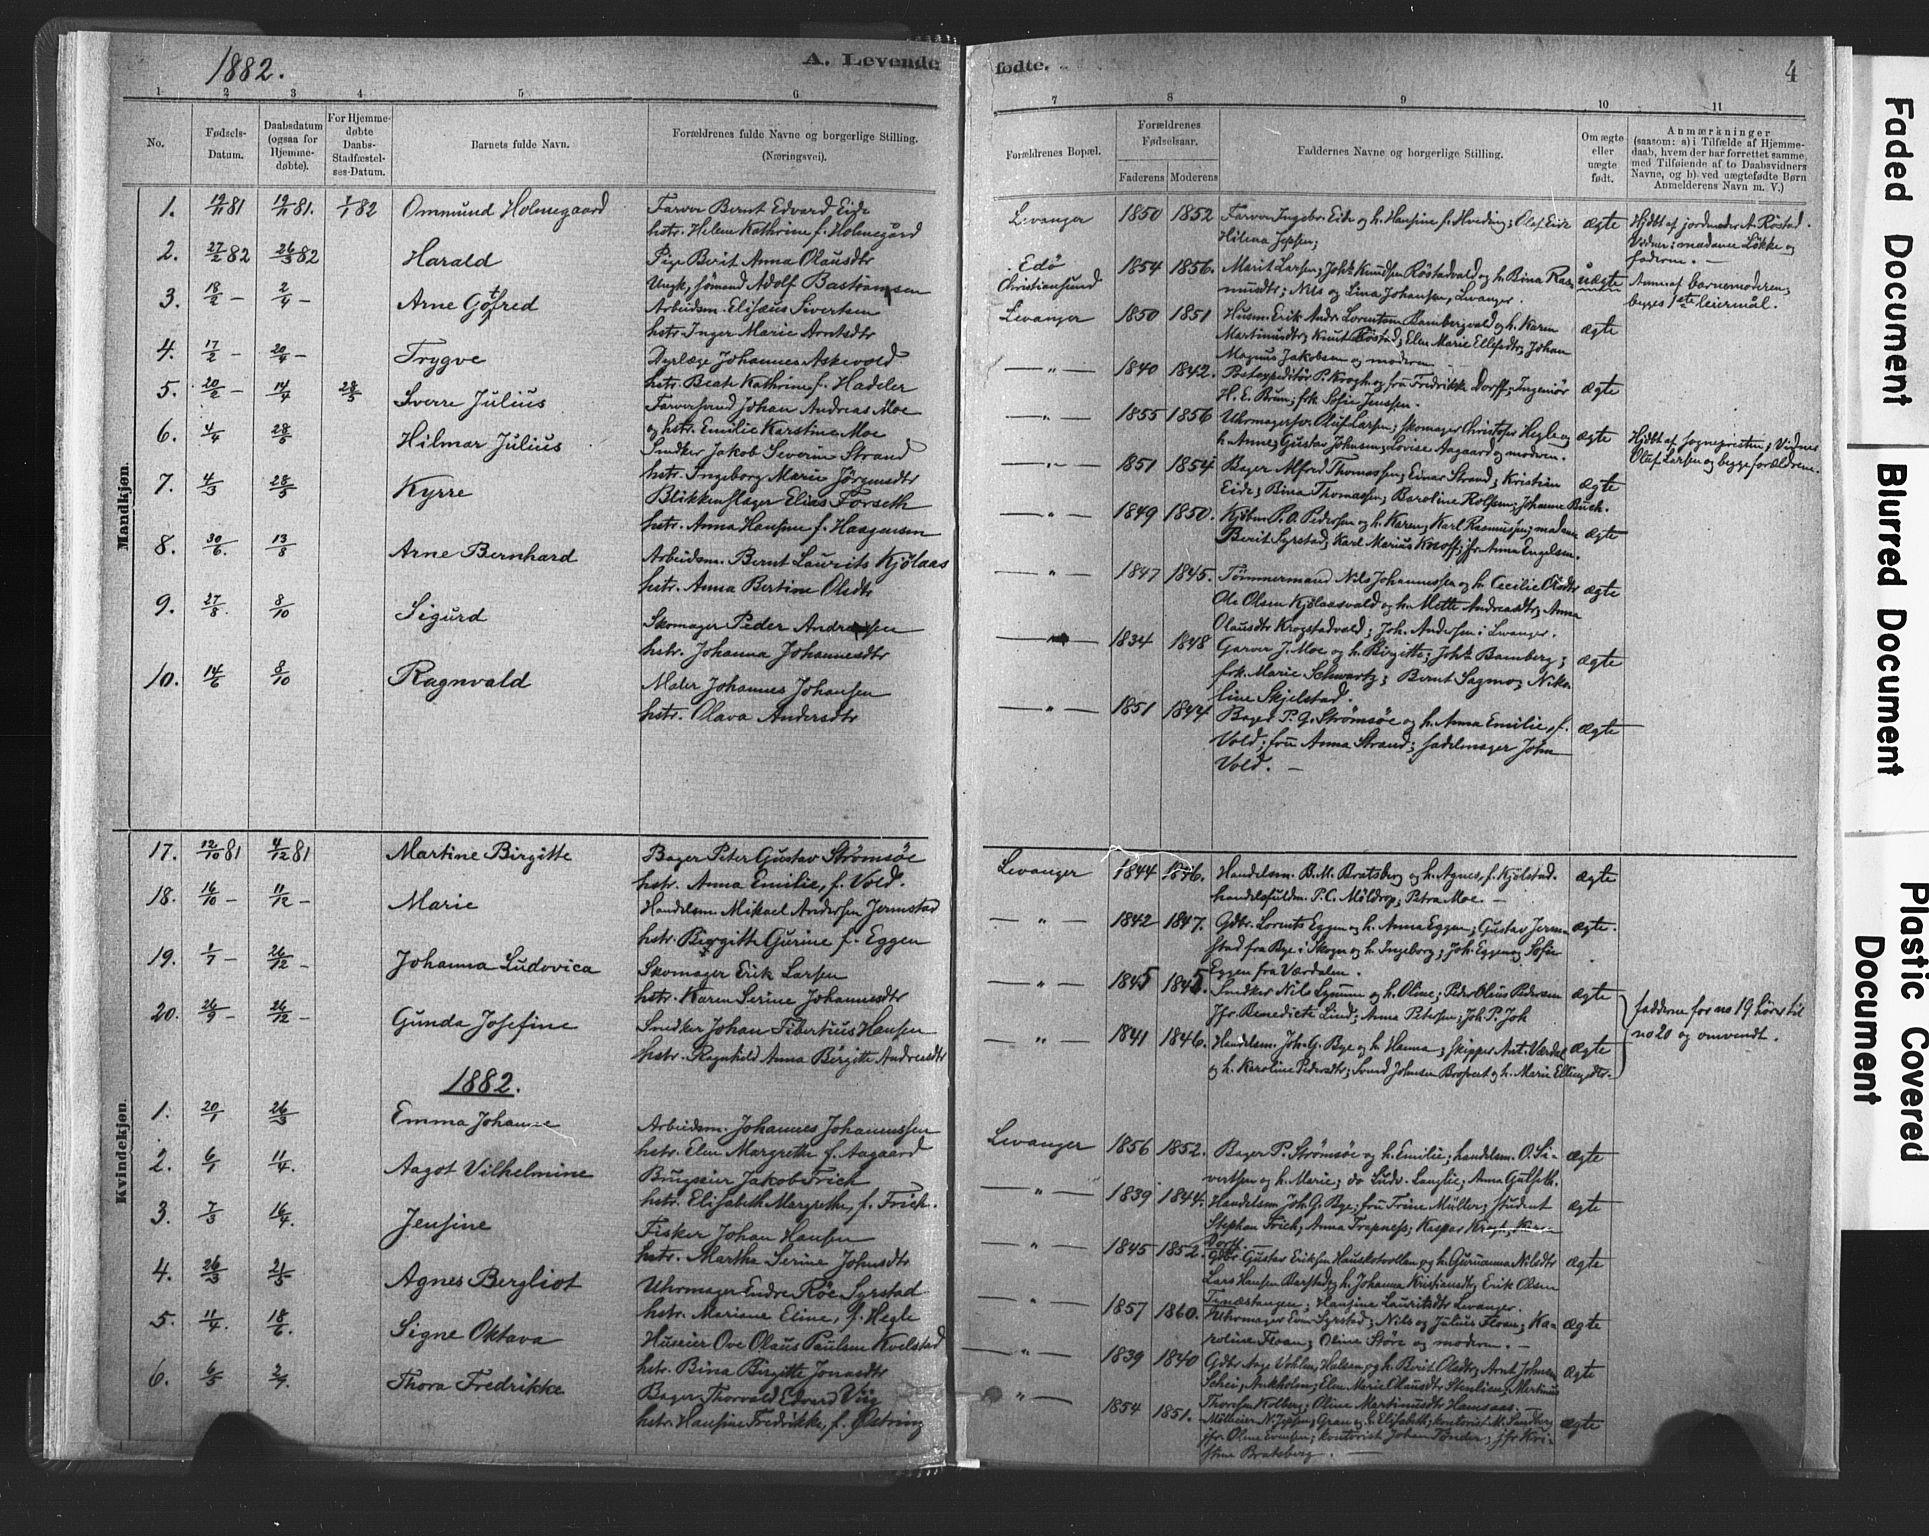 SAT, Ministerialprotokoller, klokkerbøker og fødselsregistre - Nord-Trøndelag, 720/L0189: Ministerialbok nr. 720A05, 1880-1911, s. 4